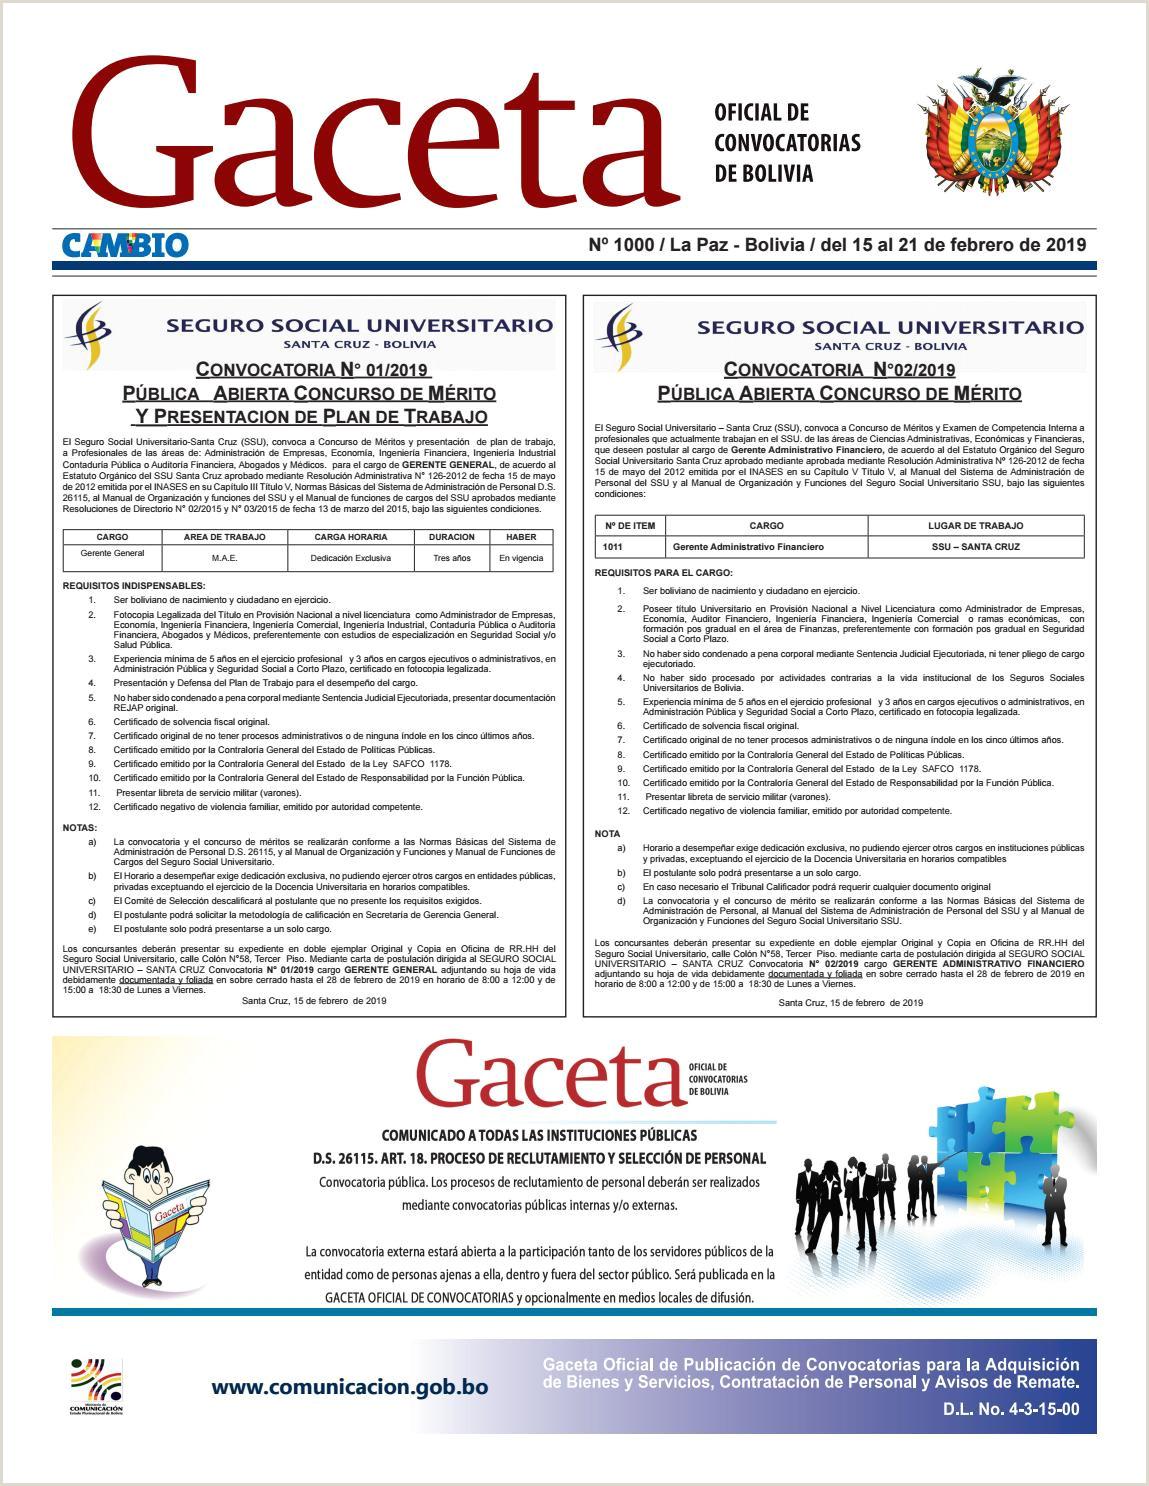 Gaceta icial de Convocatorias by Cambio Peri³dico del